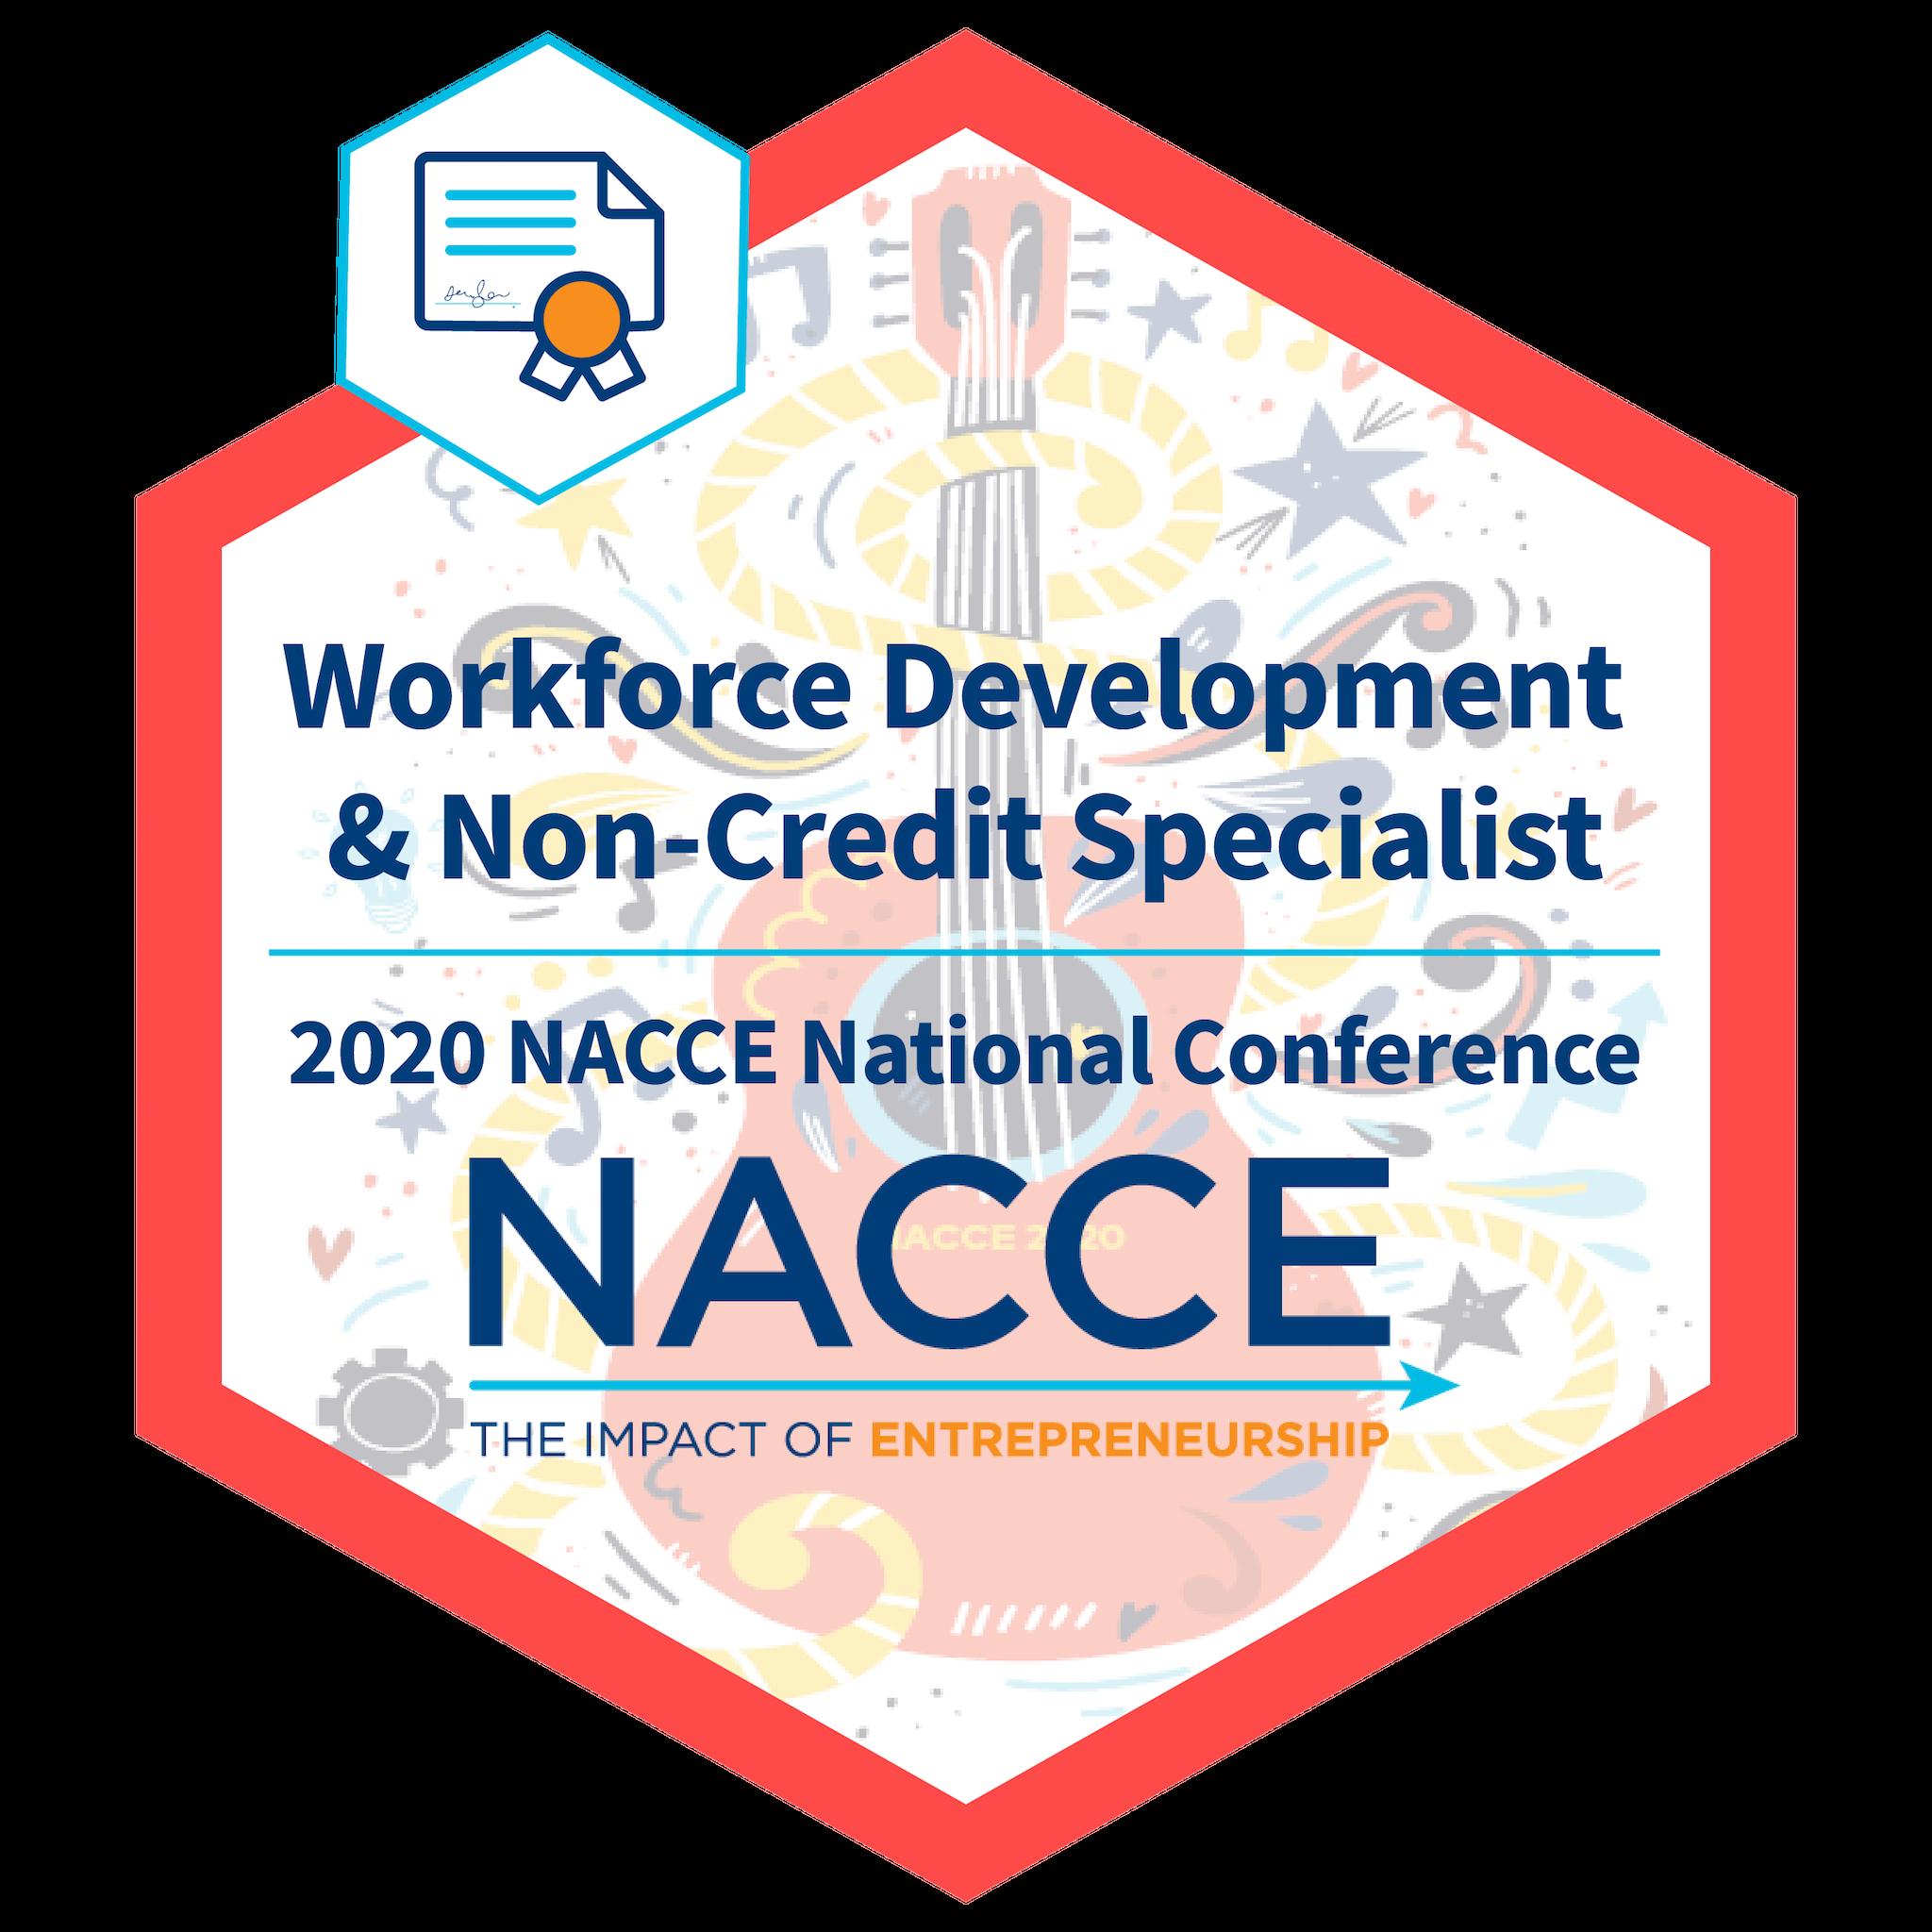 Workforce Development & Non-Credit Specialist